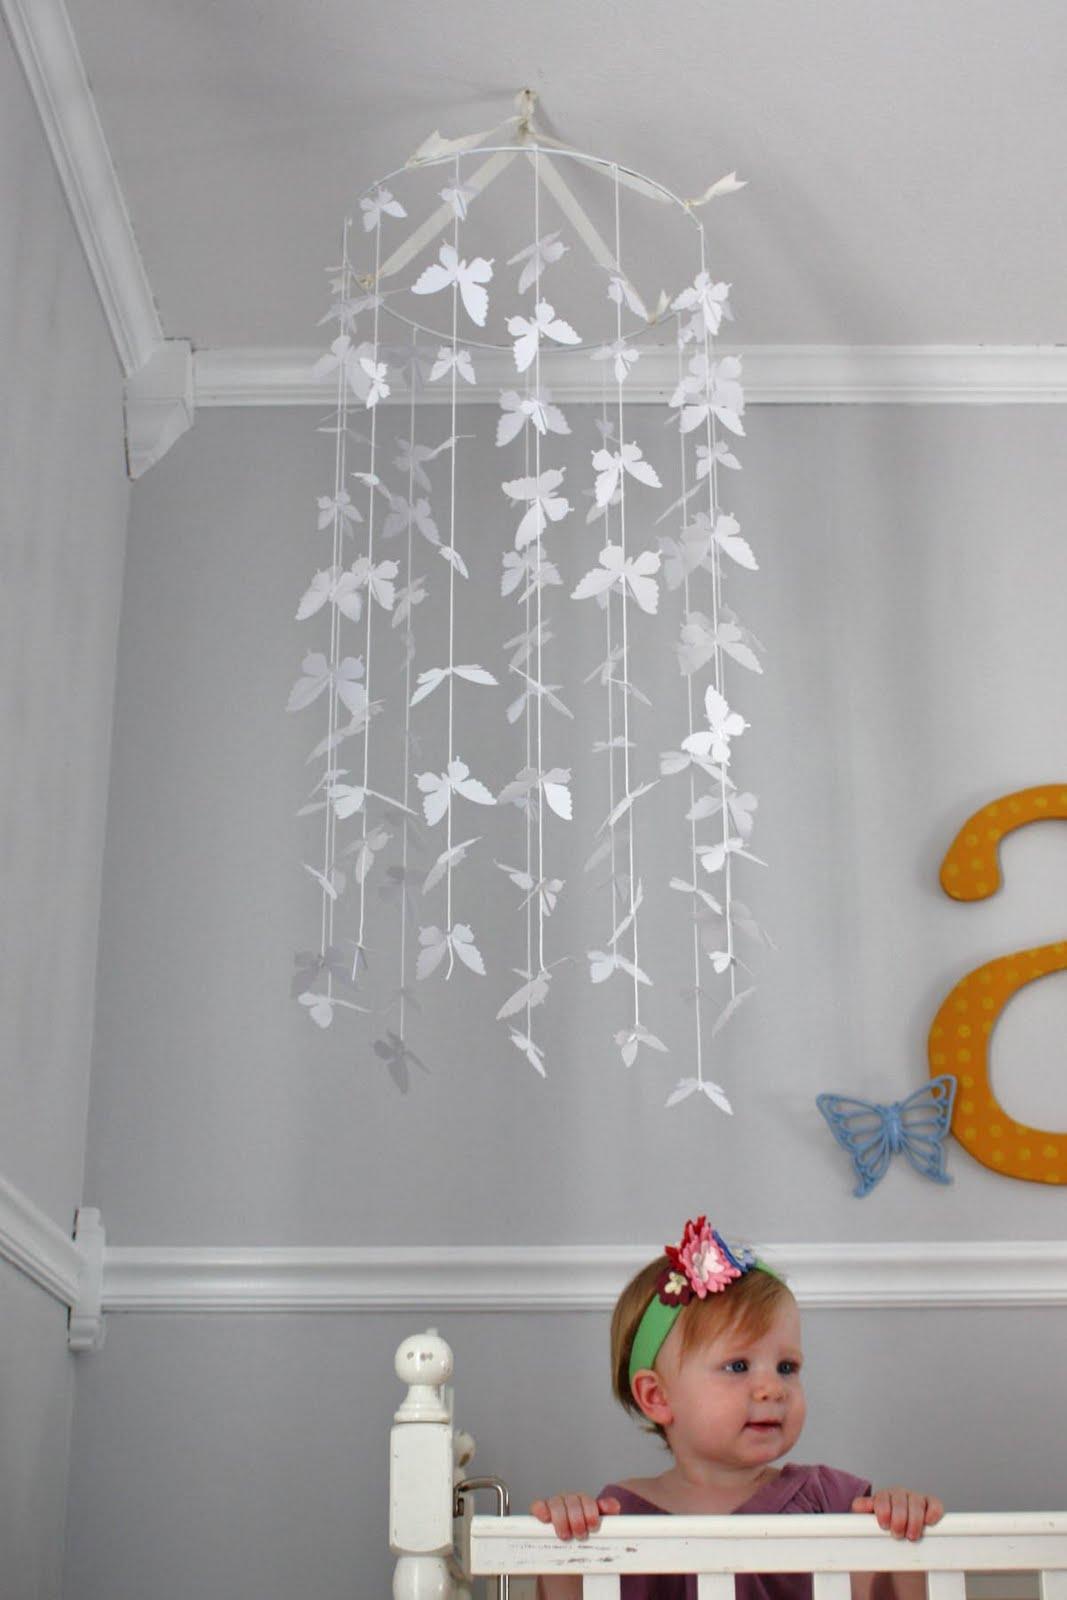 Oh la la bebe como hacerlo mobil de mariposas - Como hacer mariposas de papel para decorar paredes ...